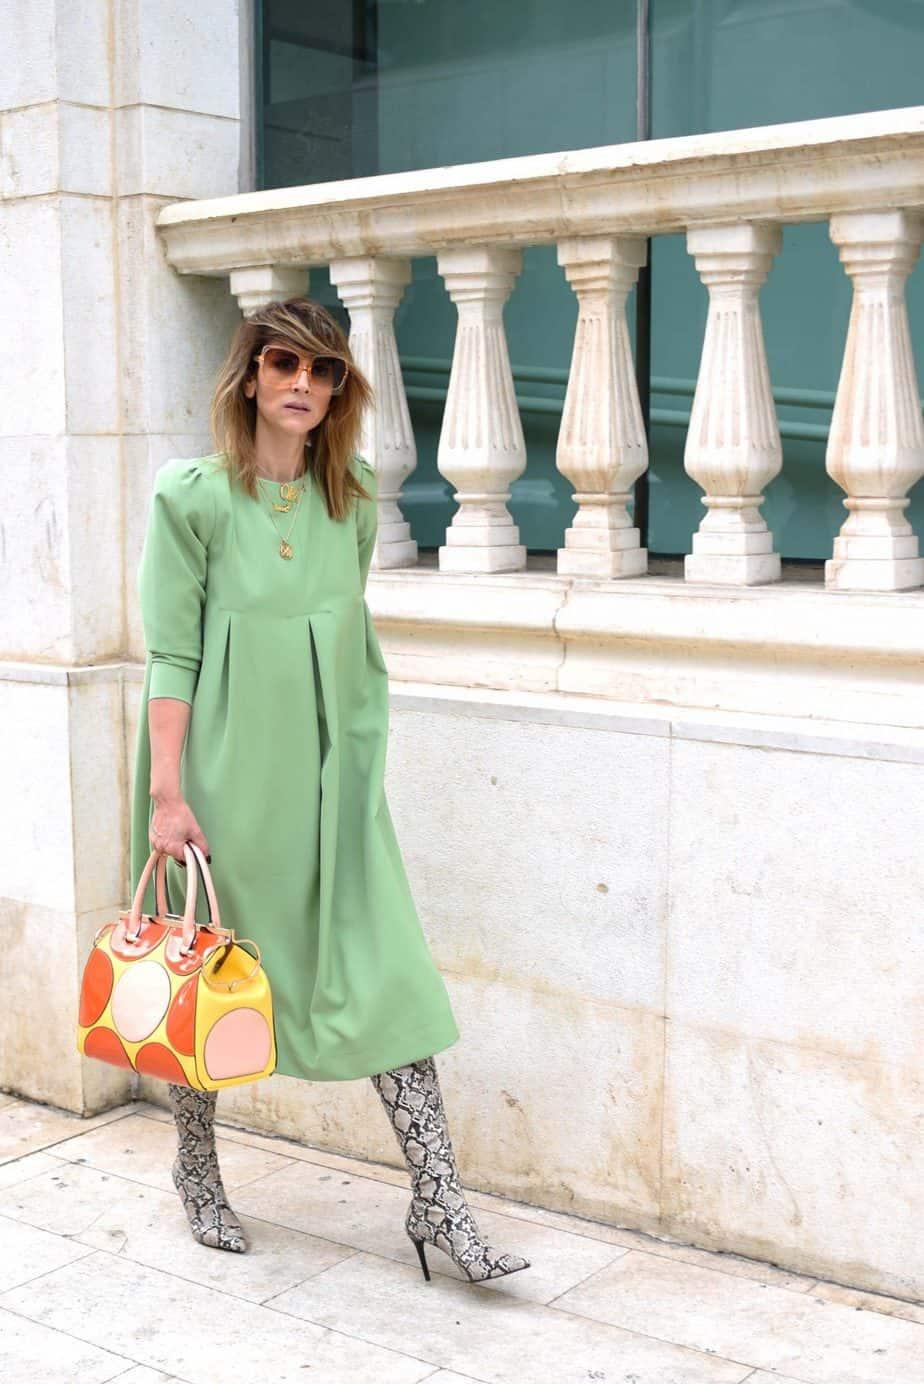 שמלה: @by Tai fahion dwsign (taitsror) | תיק: אוסף פרטי ממילאנו | משקפי שמש:private vintage collection | מגפיים: מנגו | טבעת OH: @oro_wear_your_idea אורנה חיות. צילום: לימור יערי